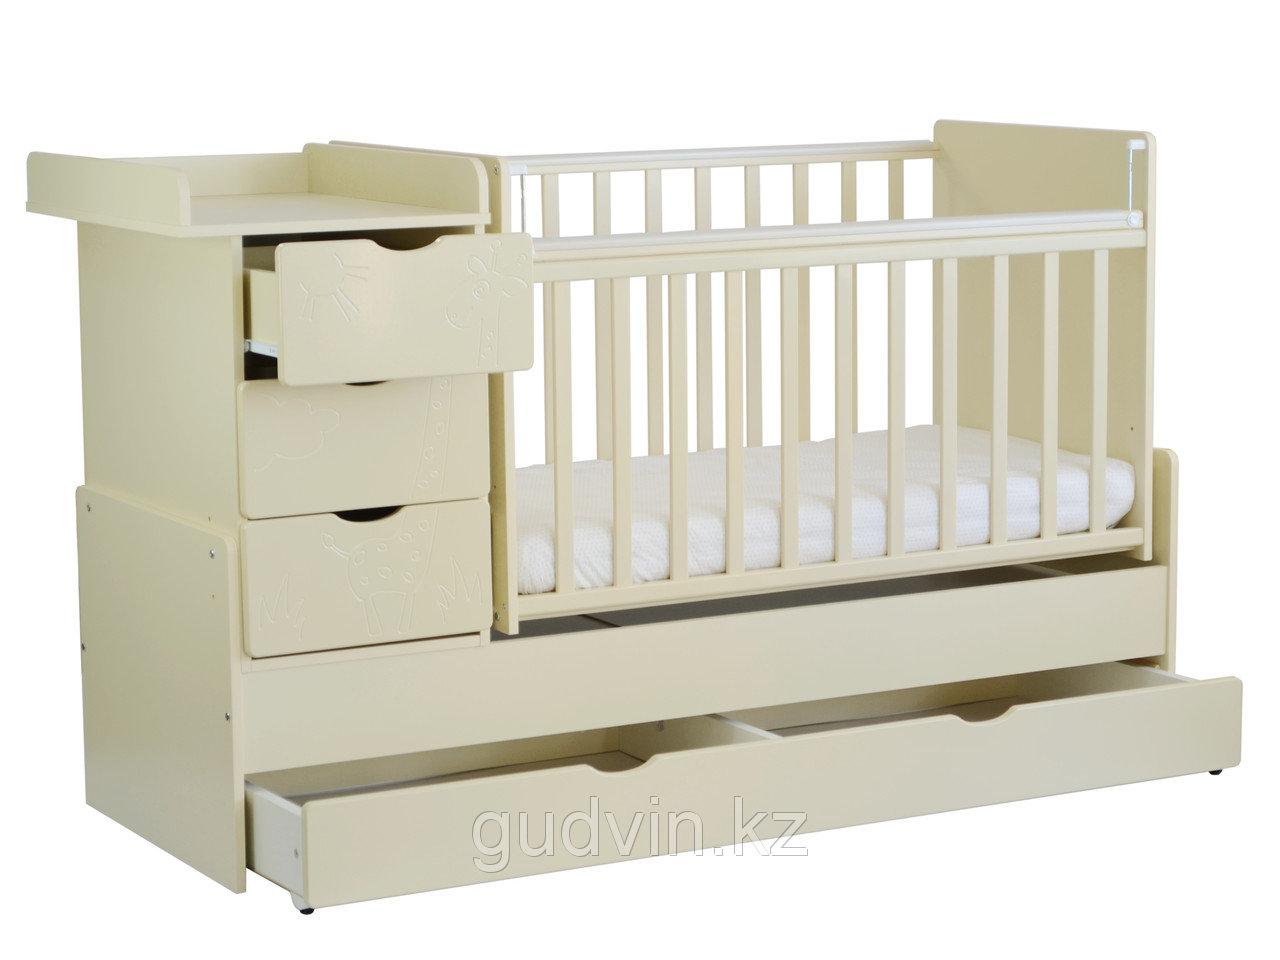 Десткая удобная кроватка